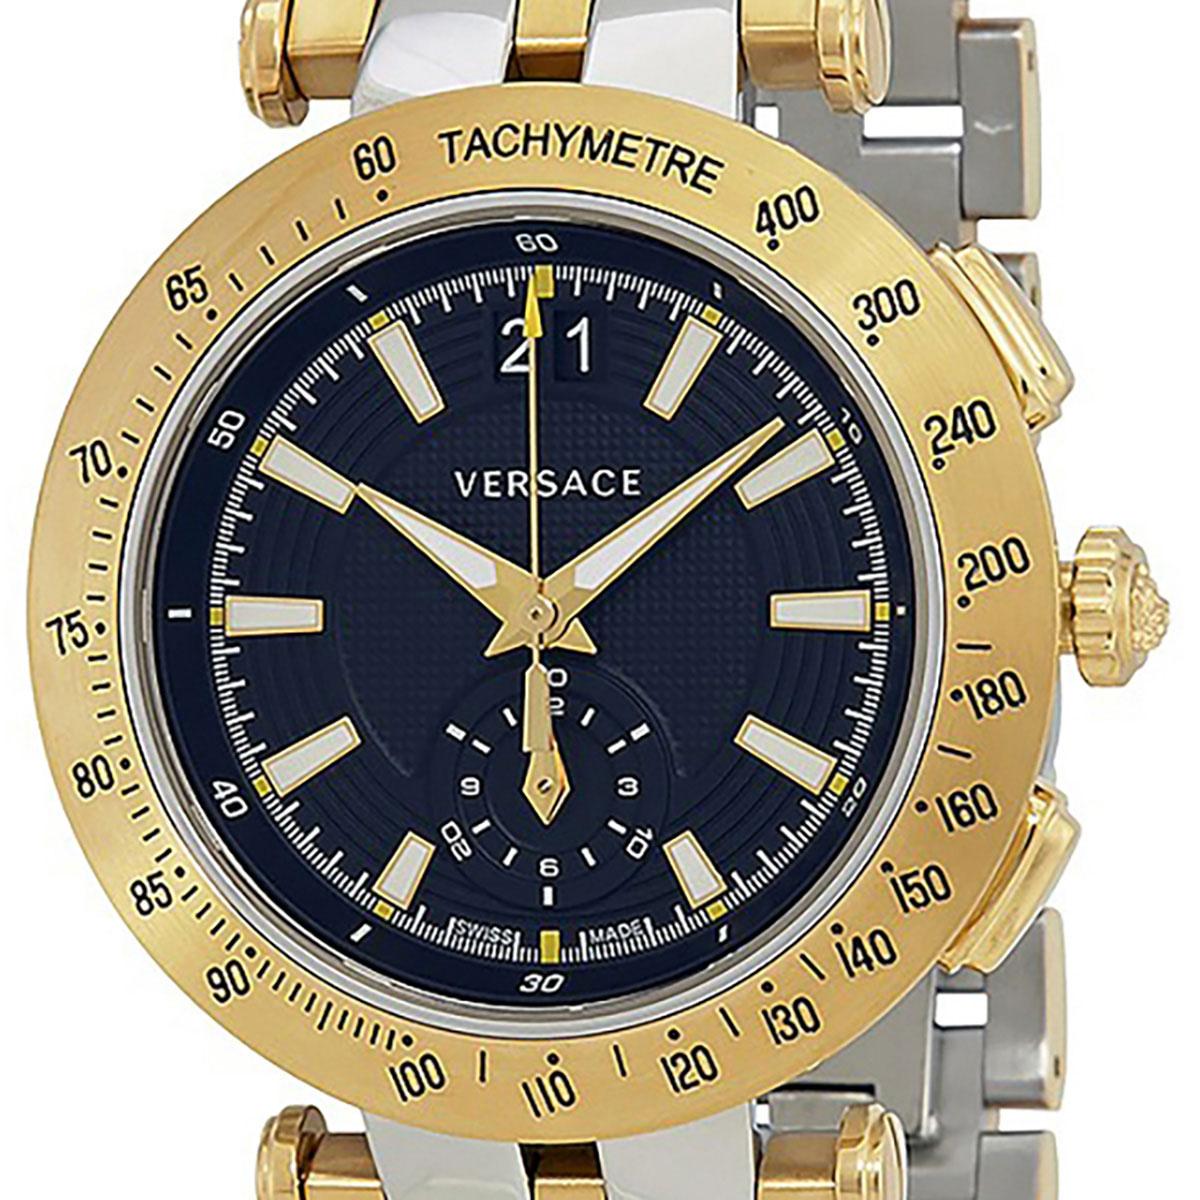 【残り1点】Versace ヴェルサーチ 電池式クォーツ 腕時計 [VAH020016] 並行輸入品  デイト カレンダー クロノグラフ タキメーターベゼル